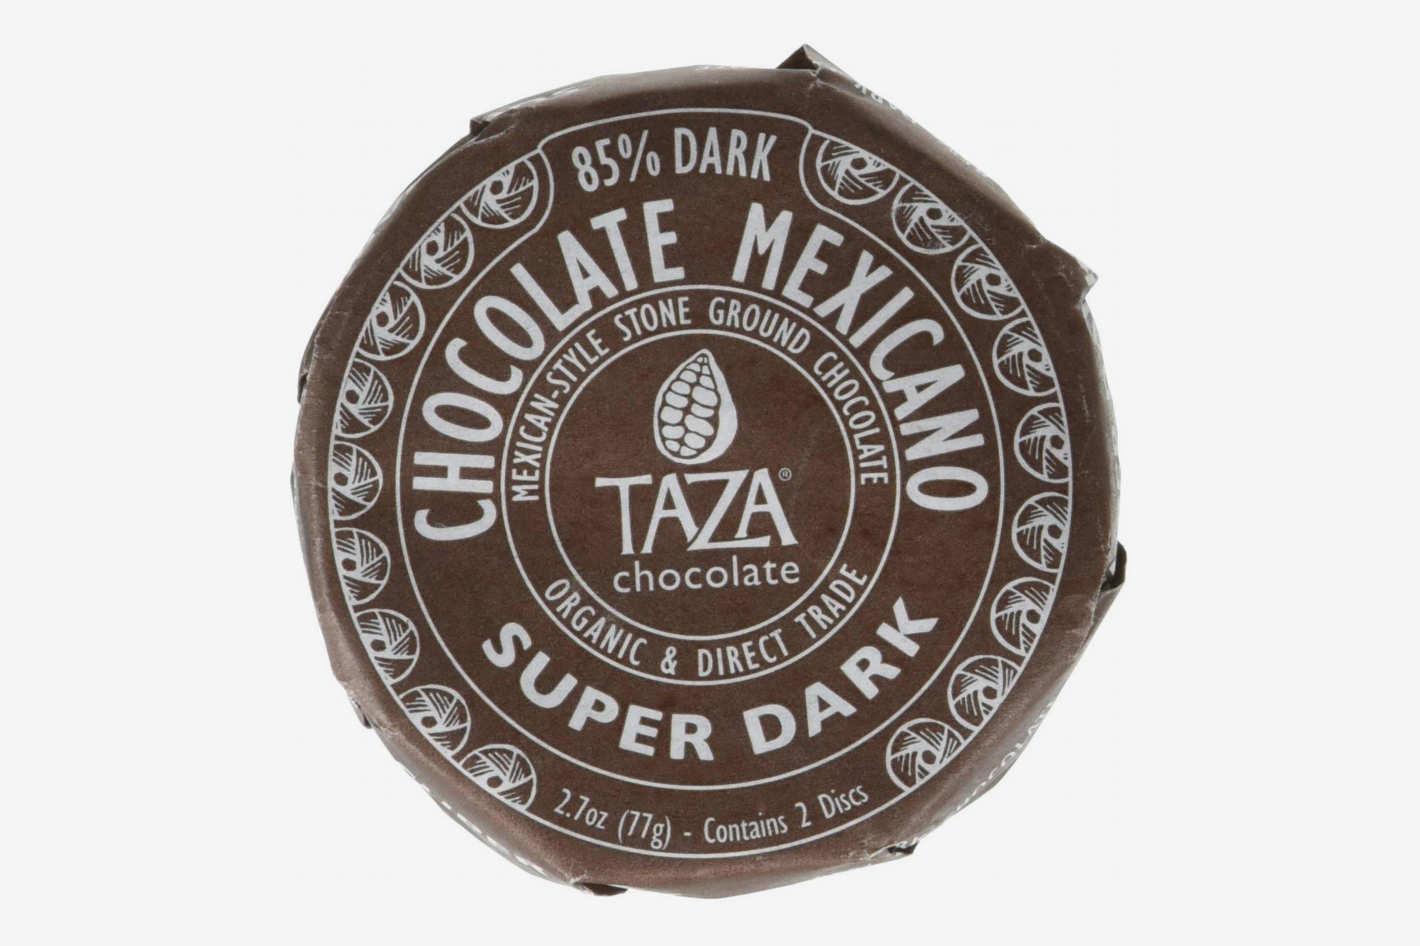 Taza Organic Chocolate Mexicano Super Dark Disc, 85% Dark